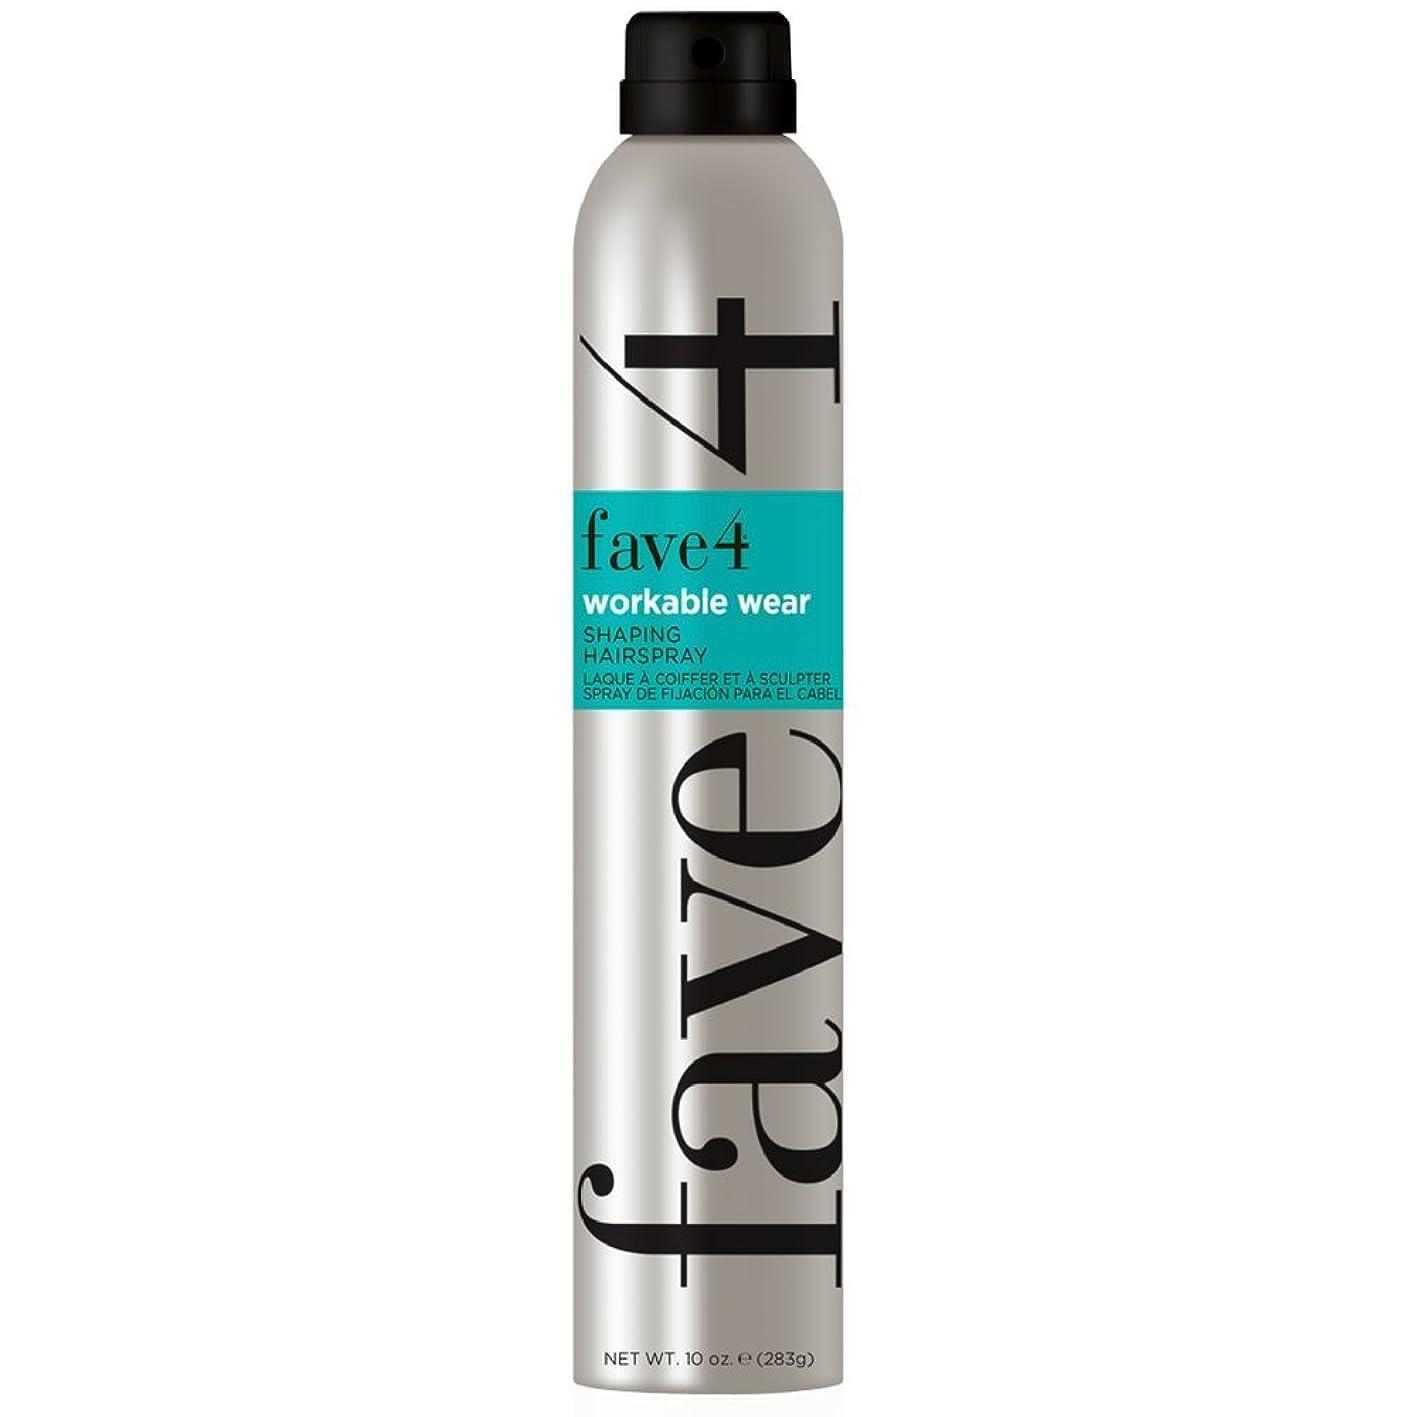 非常に怒っています明らかにマリンfave4 実用服シェーピングヘアスプレー - 硫酸無料|パラベンフリー|グルテンフリー|虐待無料|色処理した毛髪、10オンスのための安全な 10オンス